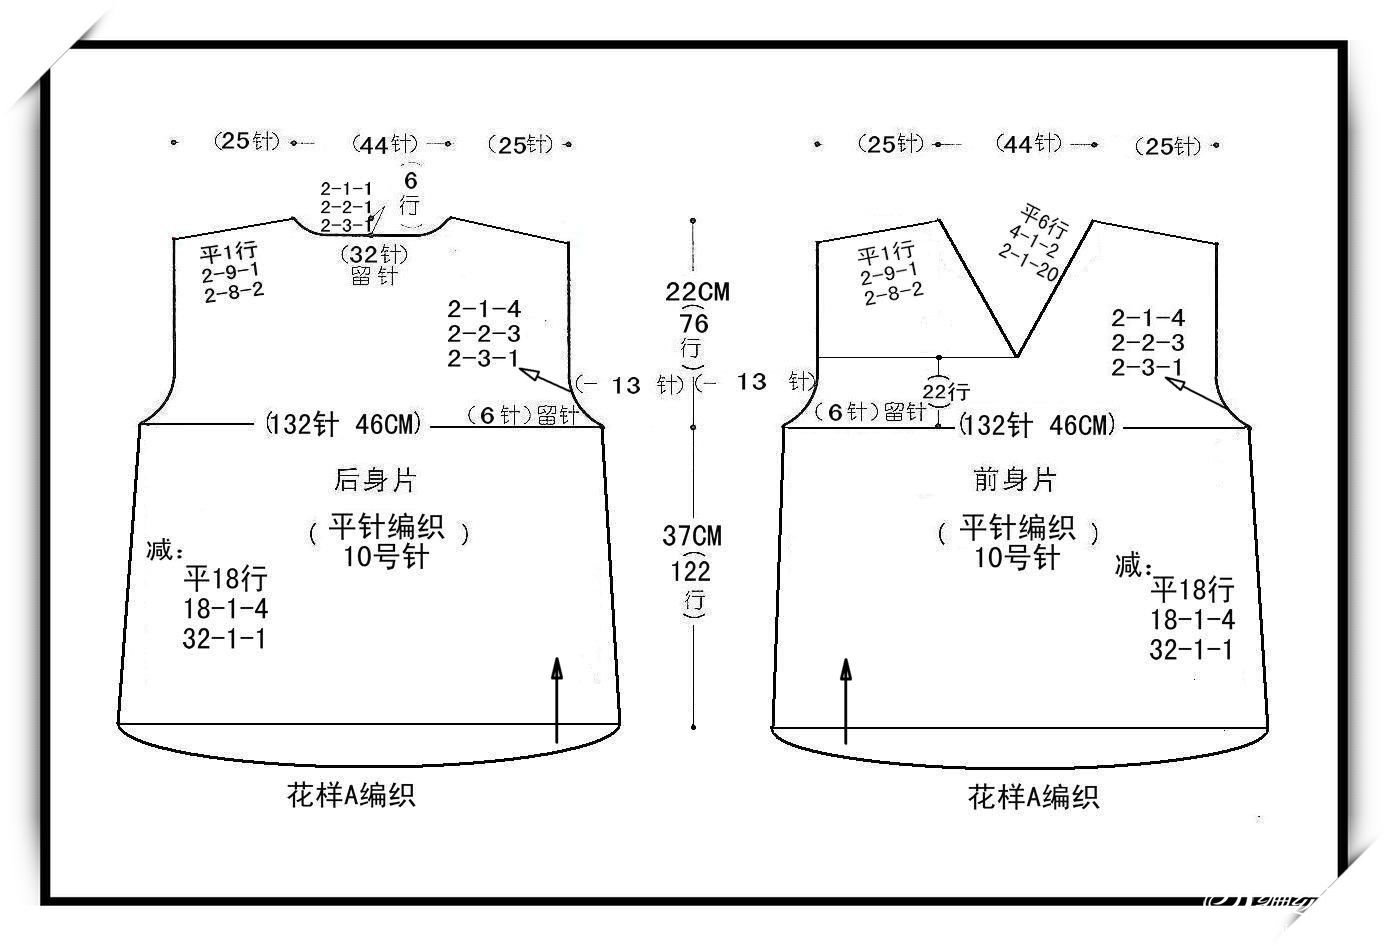 大身尺码图.JPG